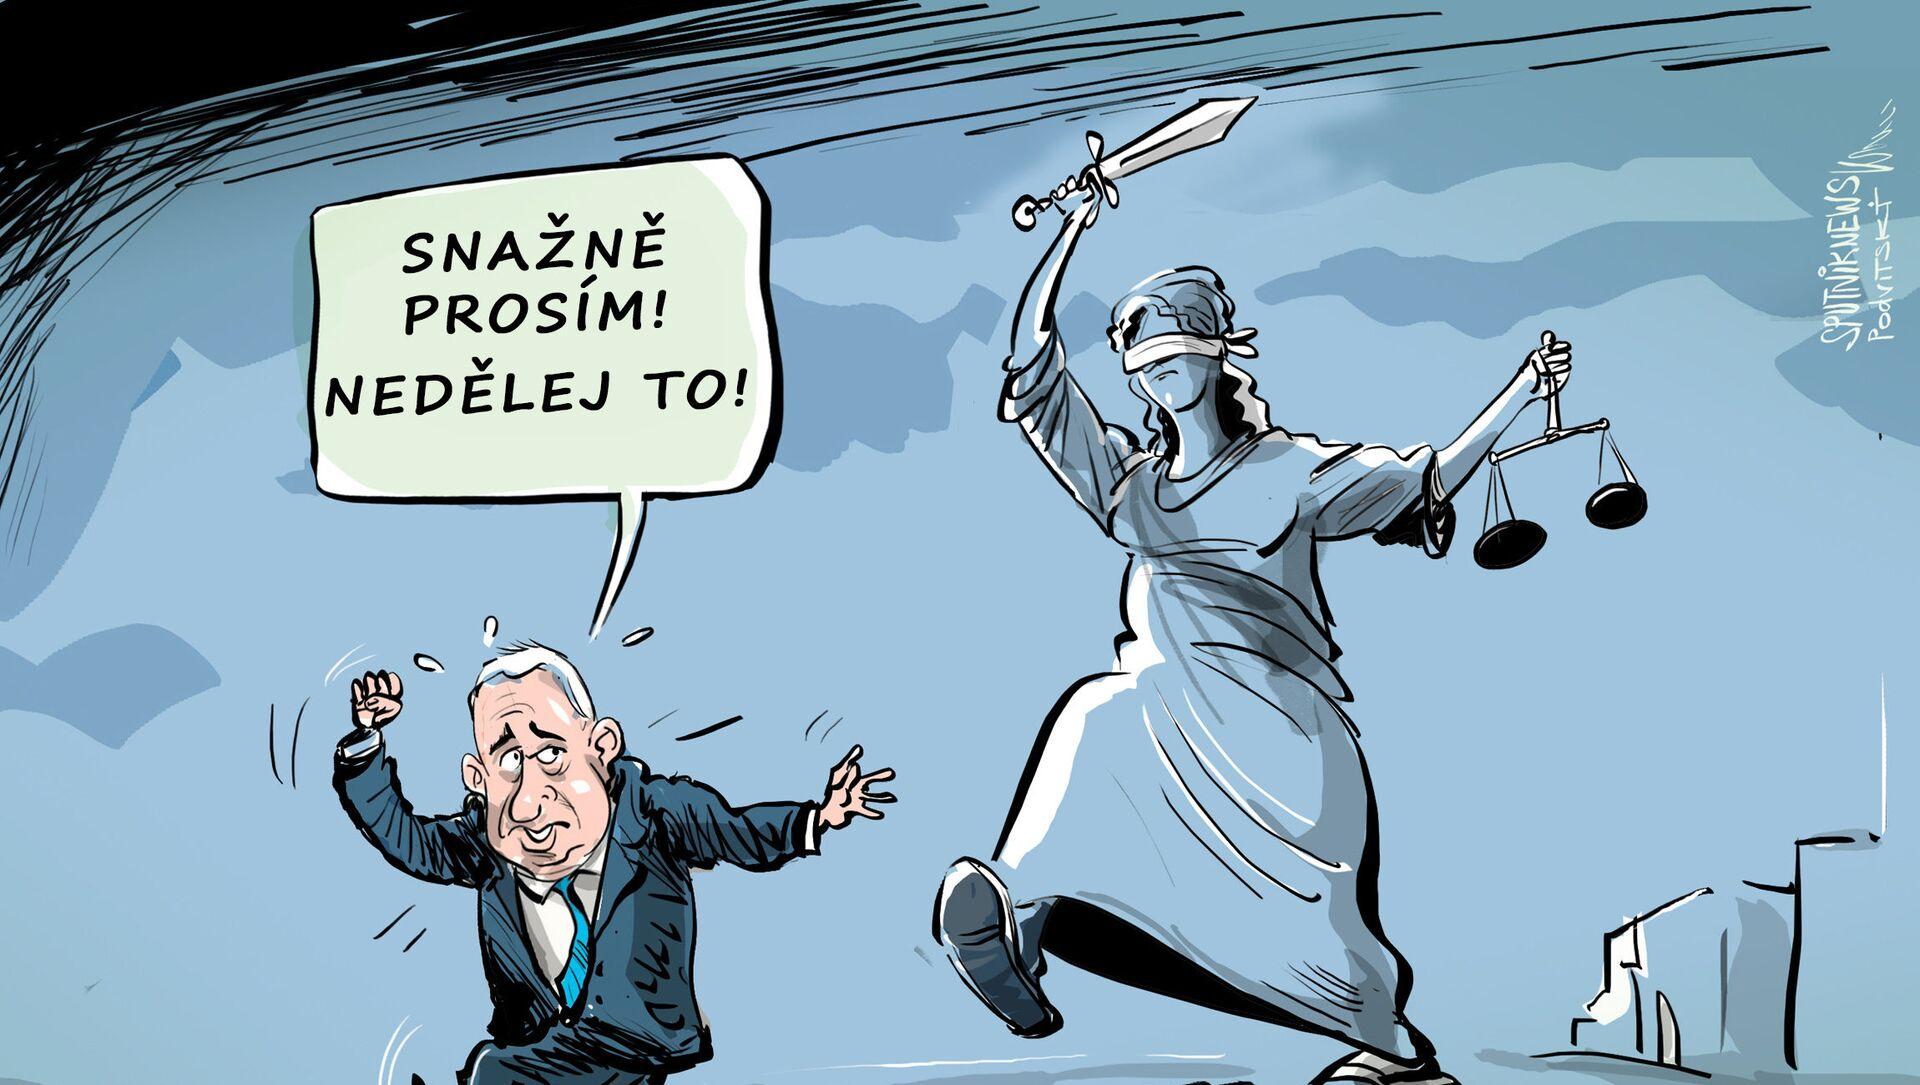 Haagský soud nenechává Netanjahua na pokoji - Sputnik Česká republika, 1920, 04.03.2021